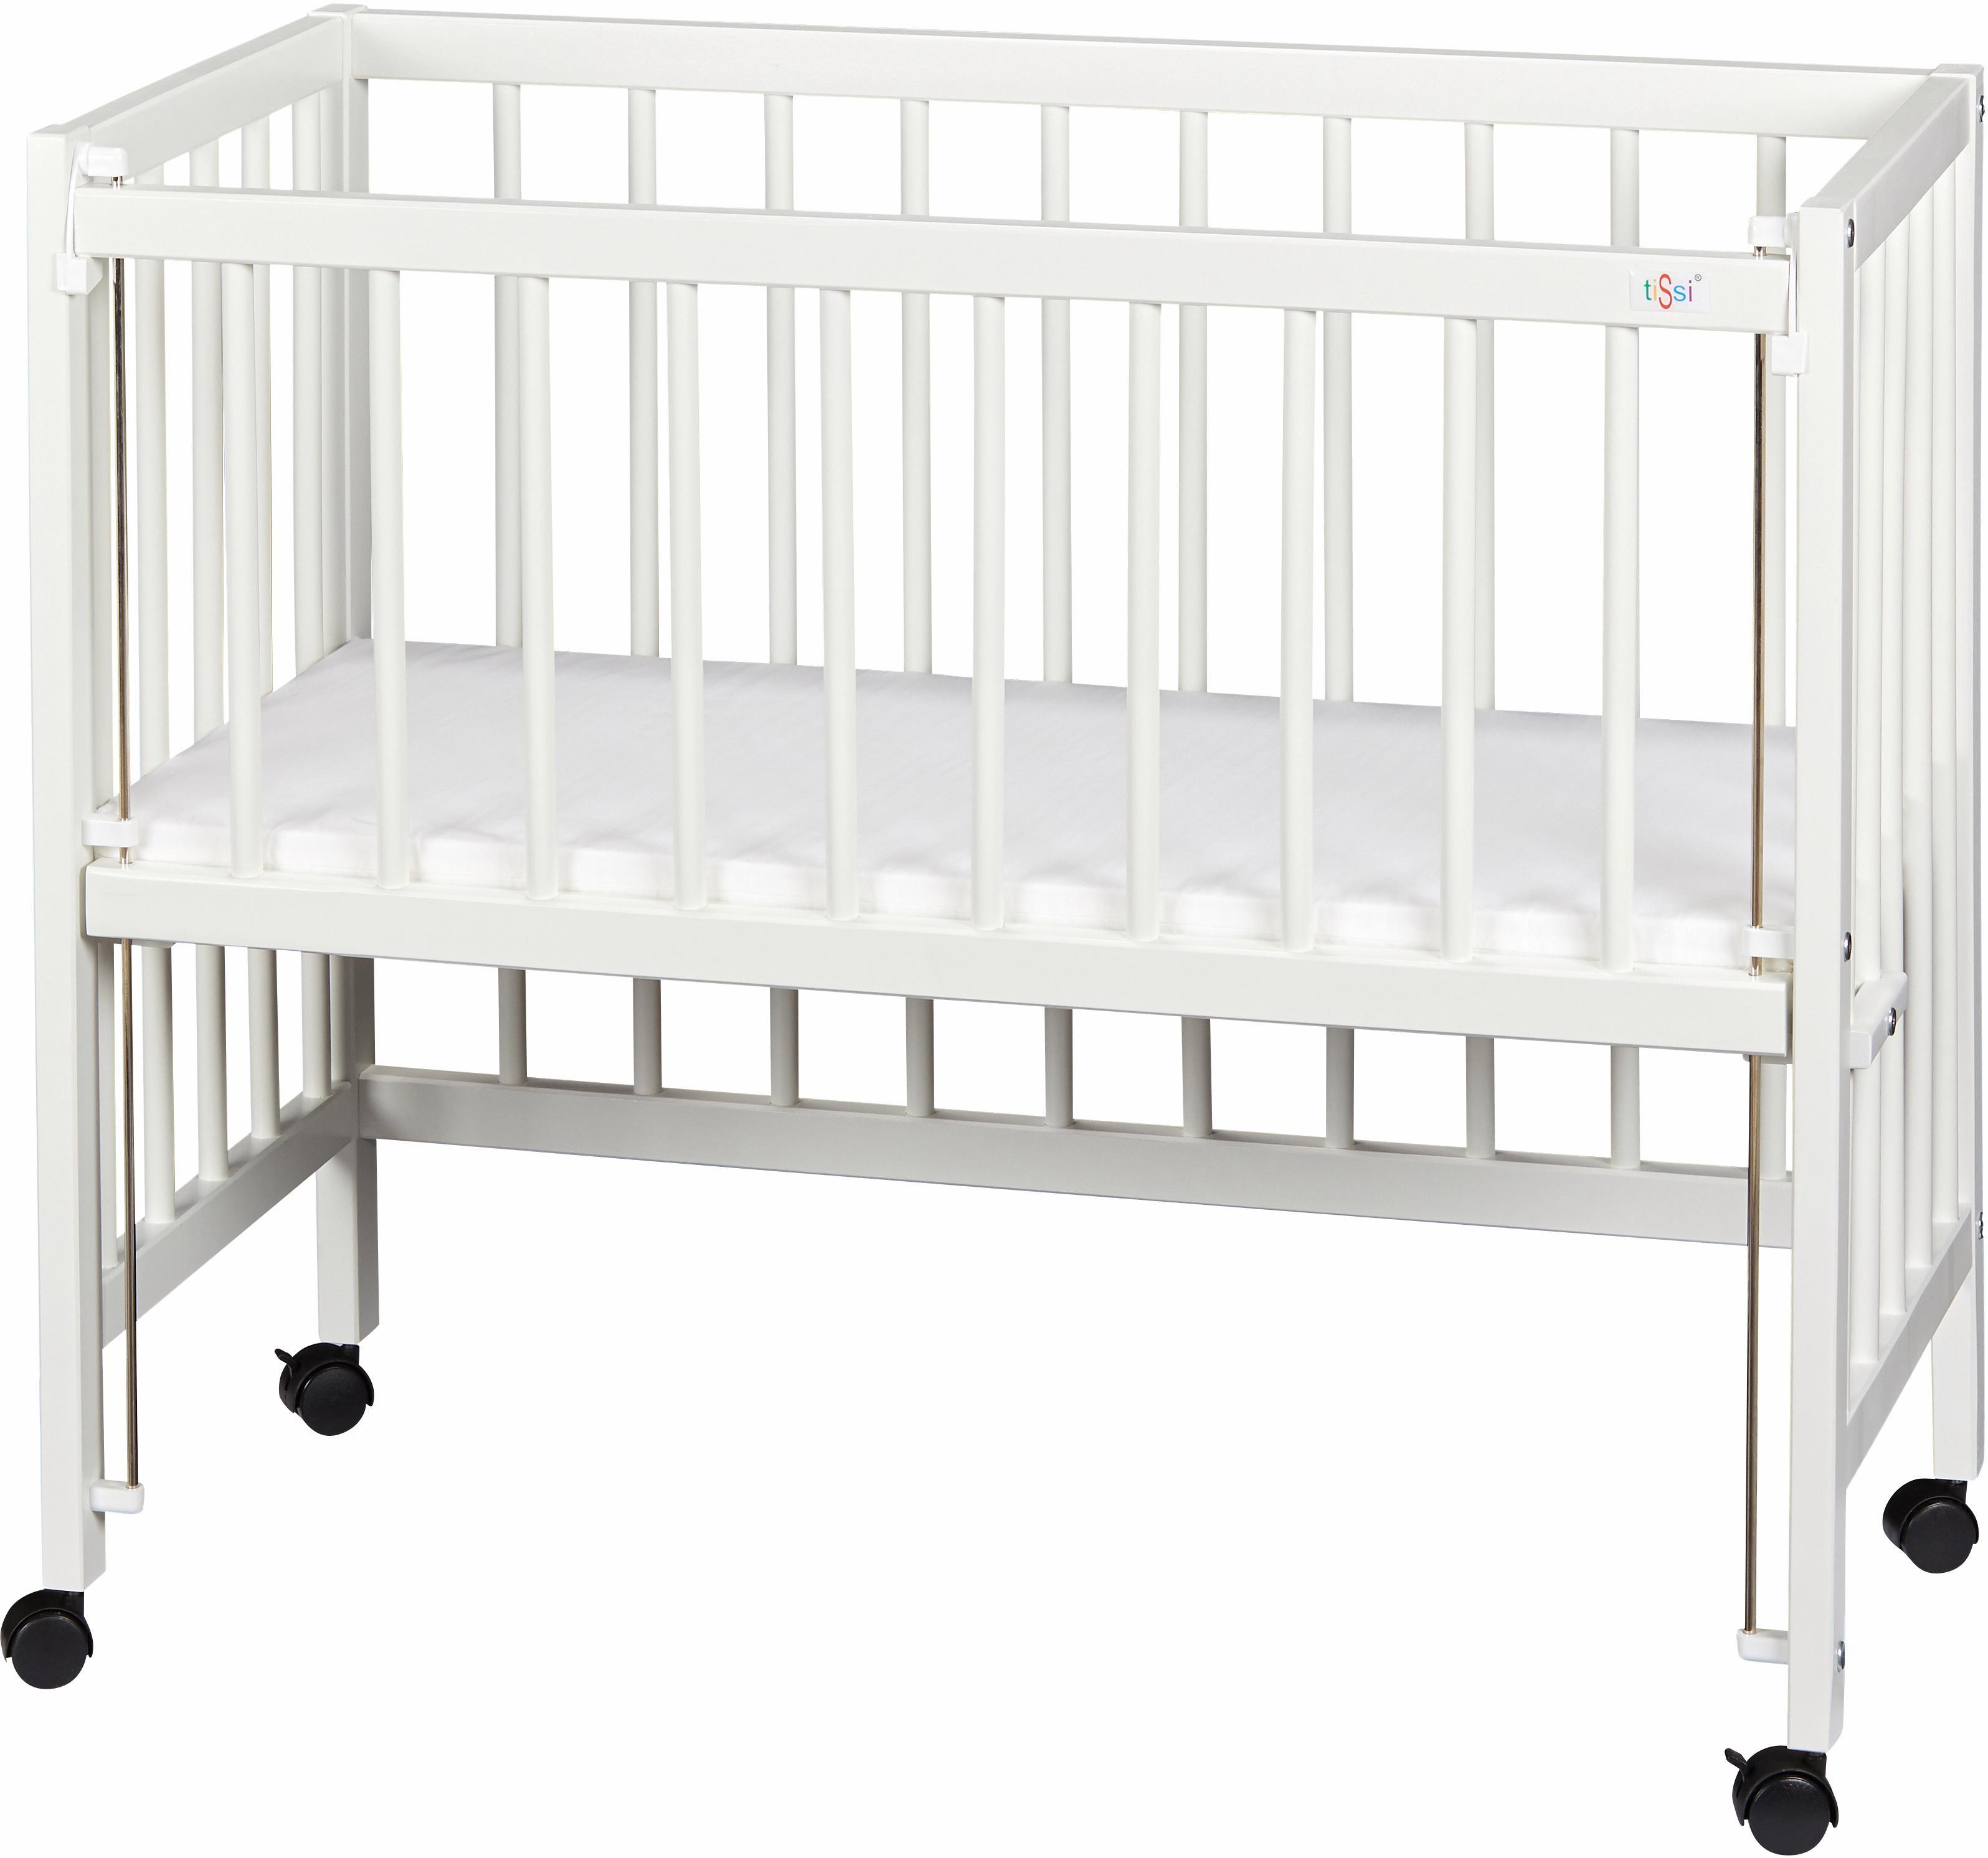 tiSsi Beistellbett Weiß, Made in Europe weiß Baby Beistellbetten Babybetten Babymöbel